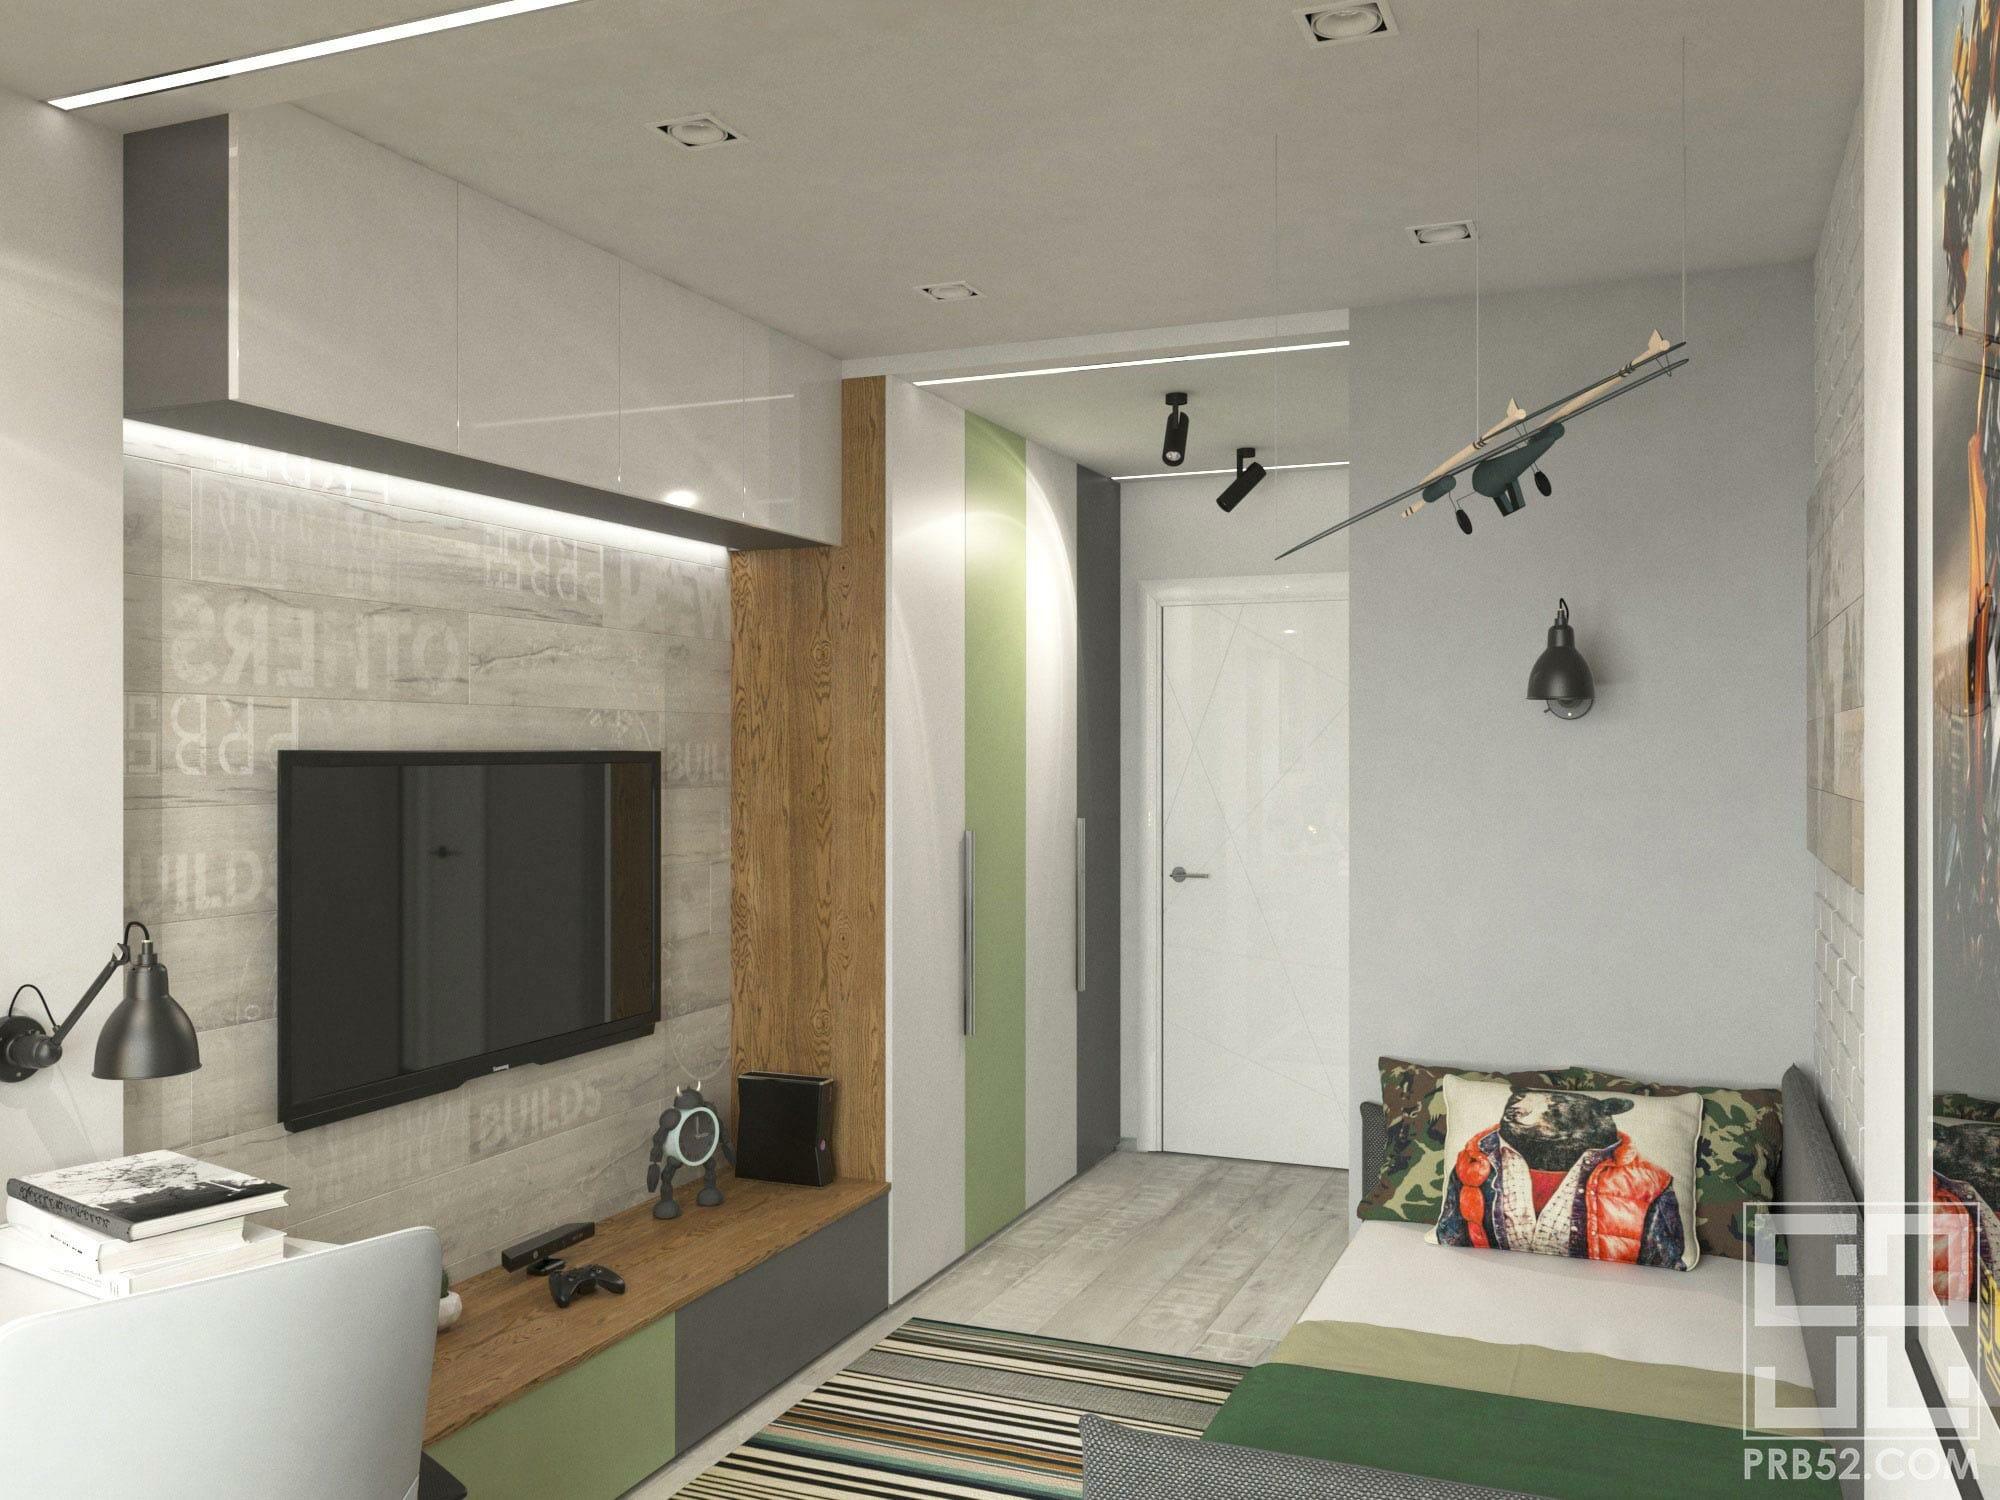 дизайн интерьера детской комнаты для мальчика с местами хранения